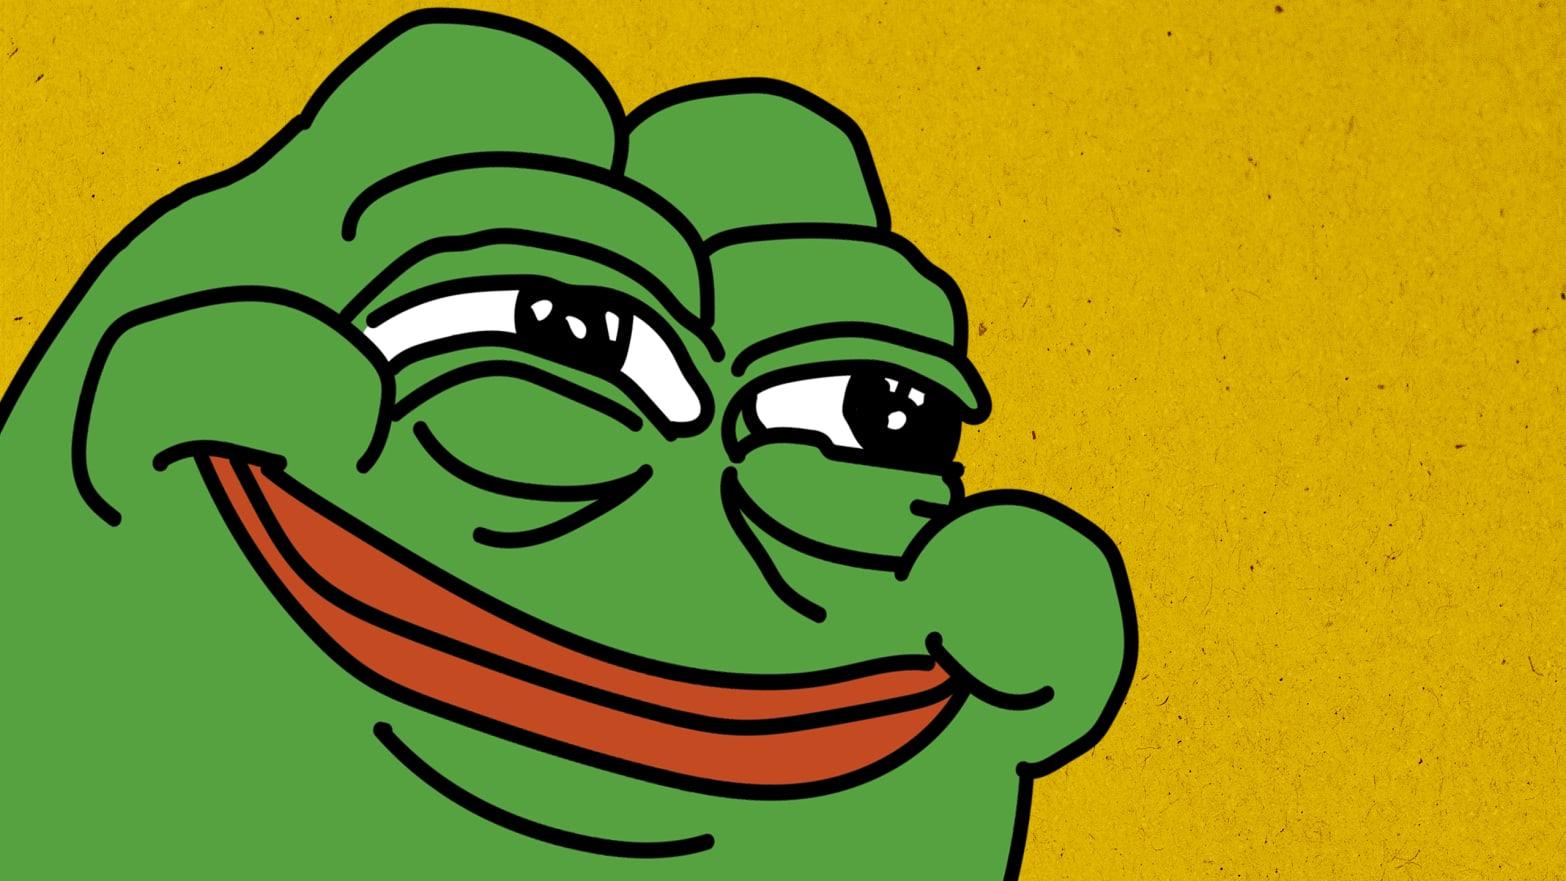 Bildresultat för pepe frog